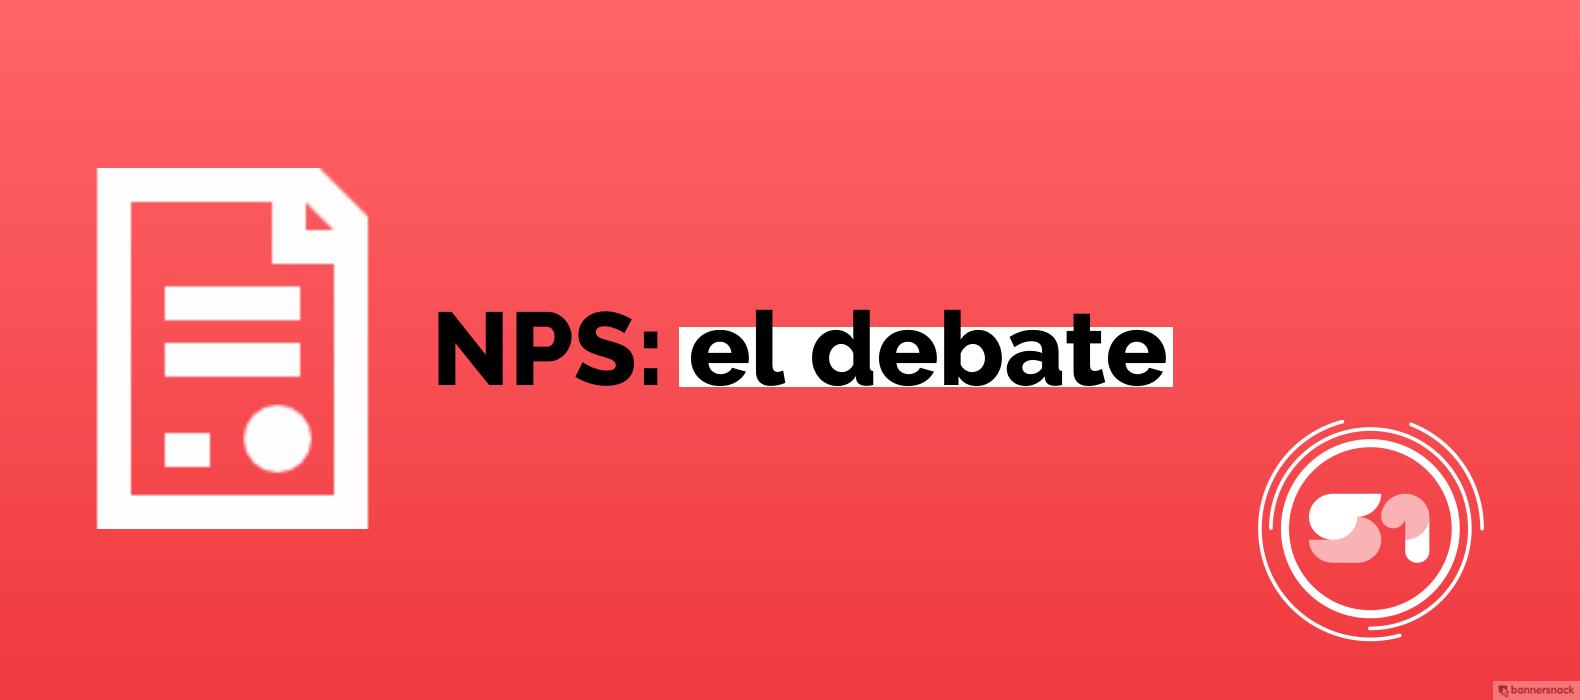 El debate detrás del NPS